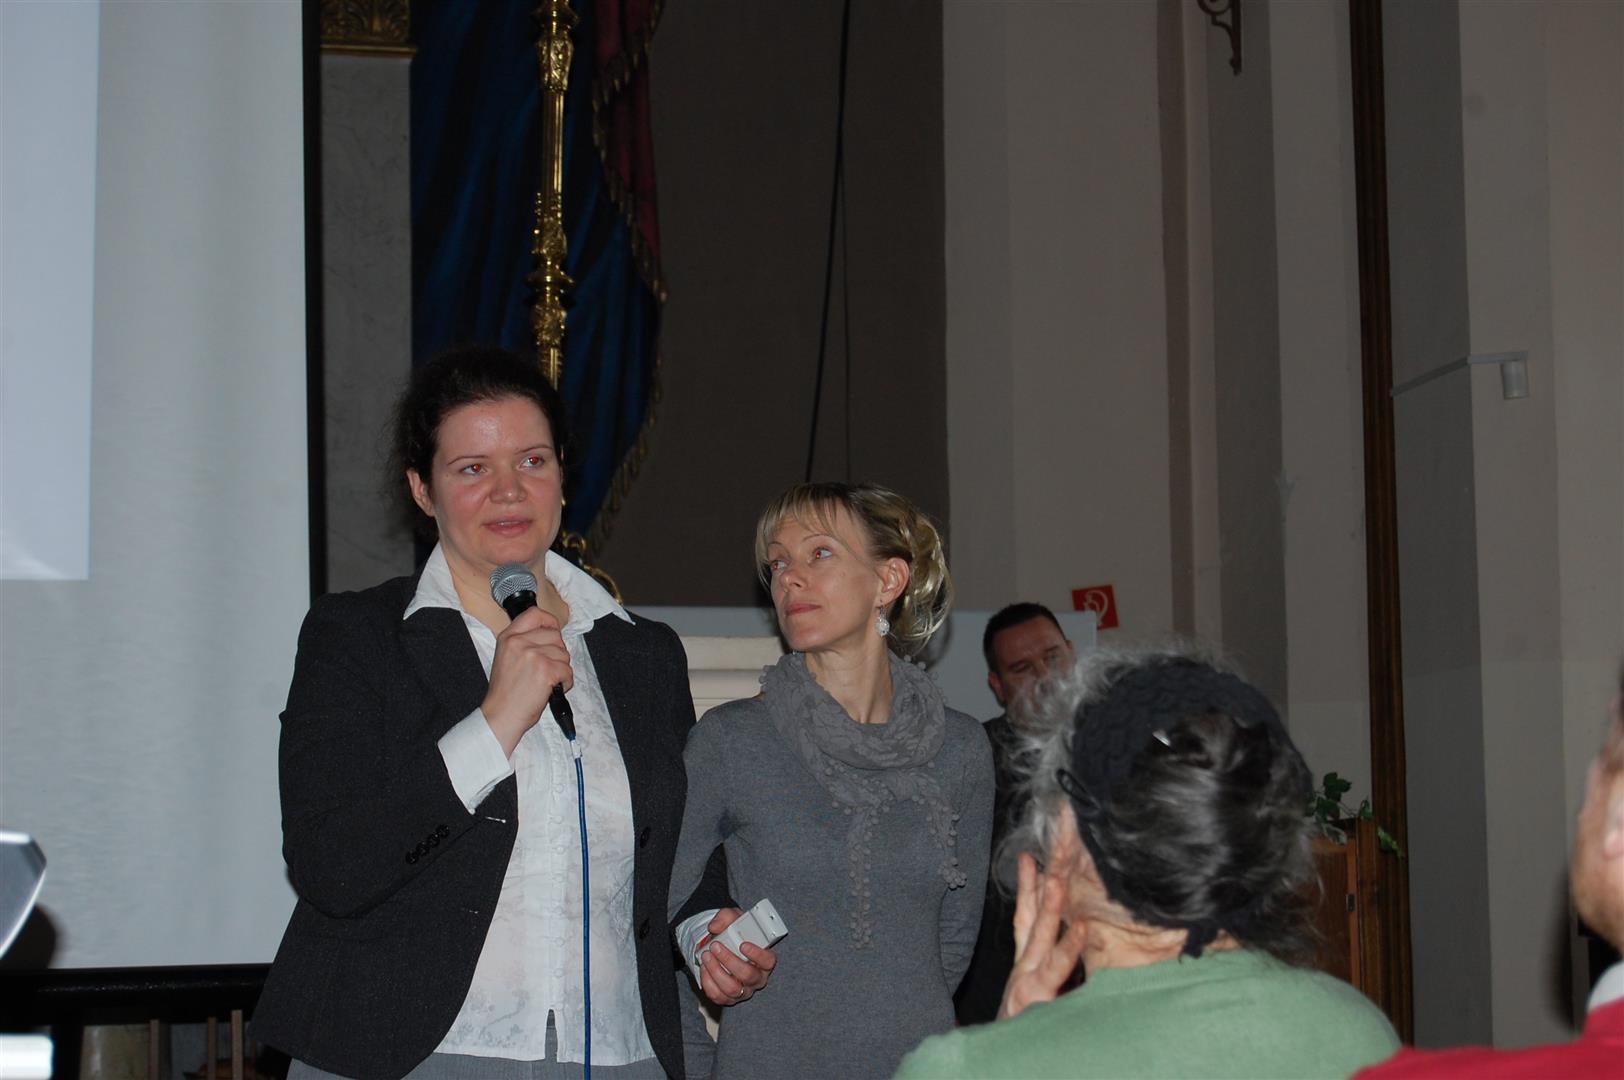 Pintér Pámer Krisztina másik hálózatvezetőjével, az estet előadásával szintén emelő Eberhardt Hajnallal